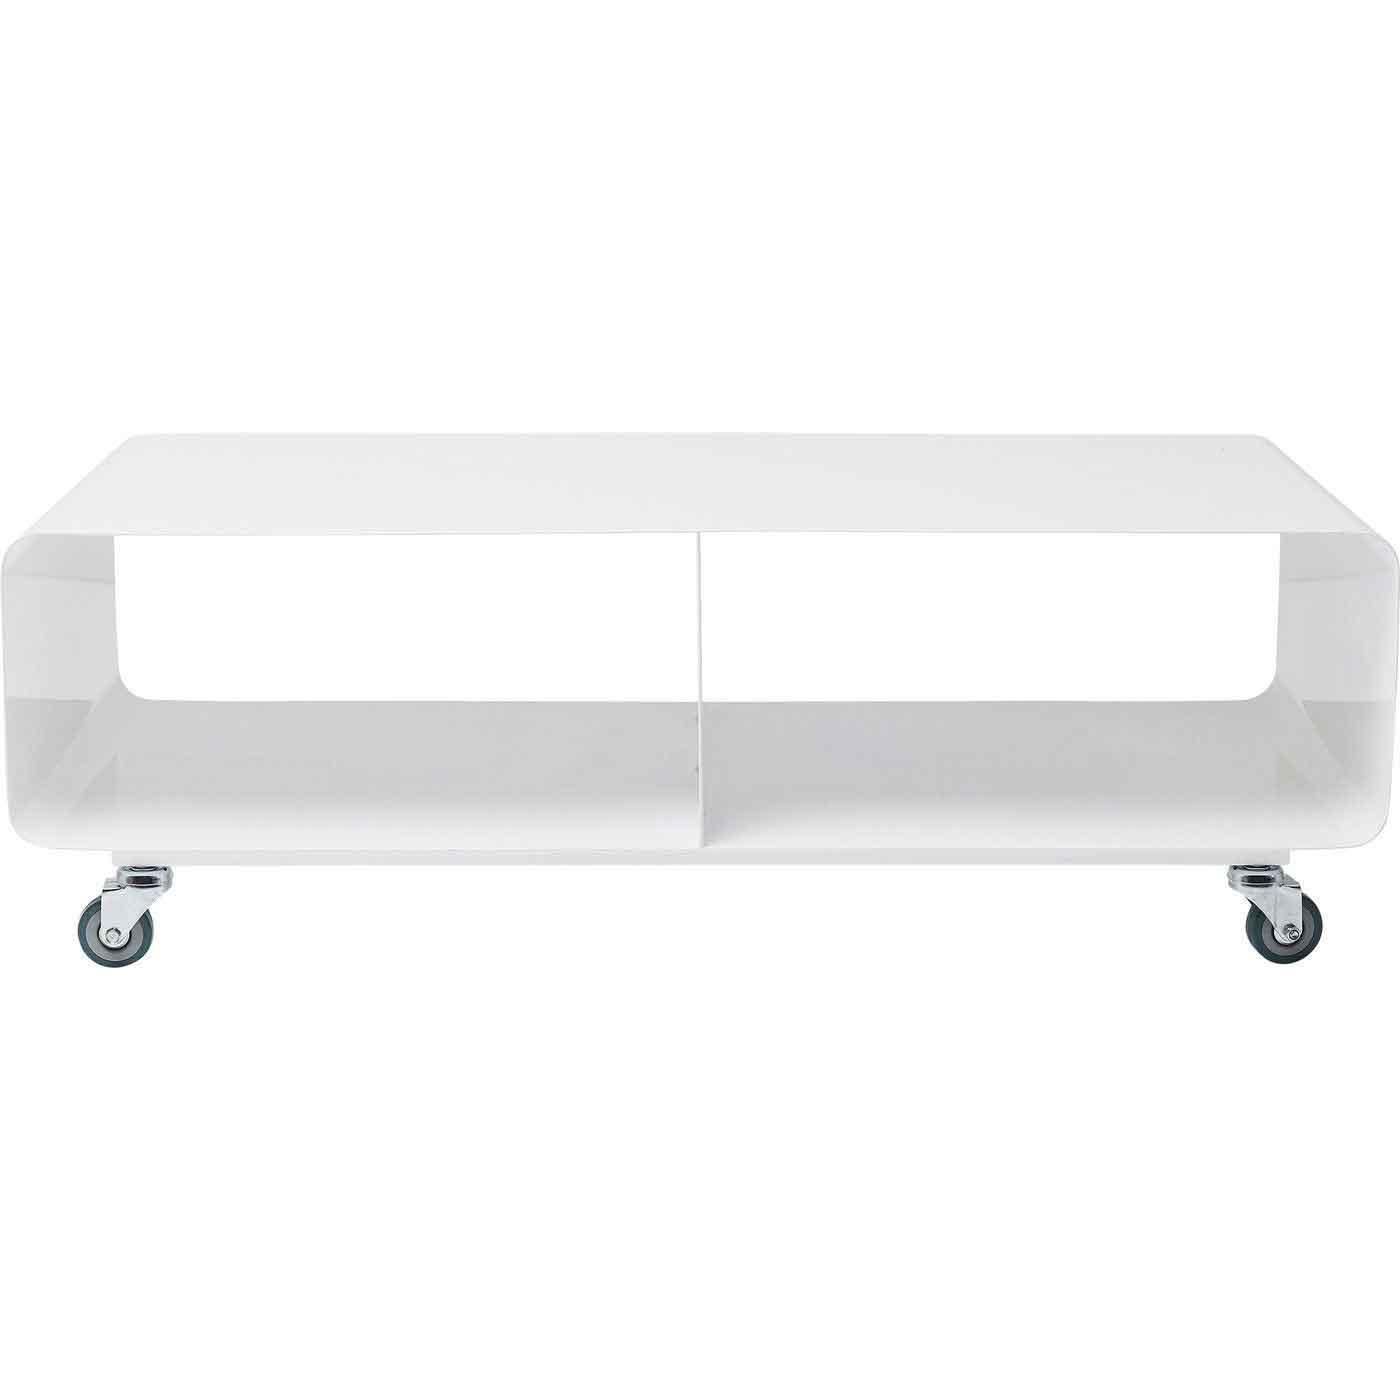 Kare design lounge tv-bord - hvid stål, m. hjul fra kare design fra boboonline.dk